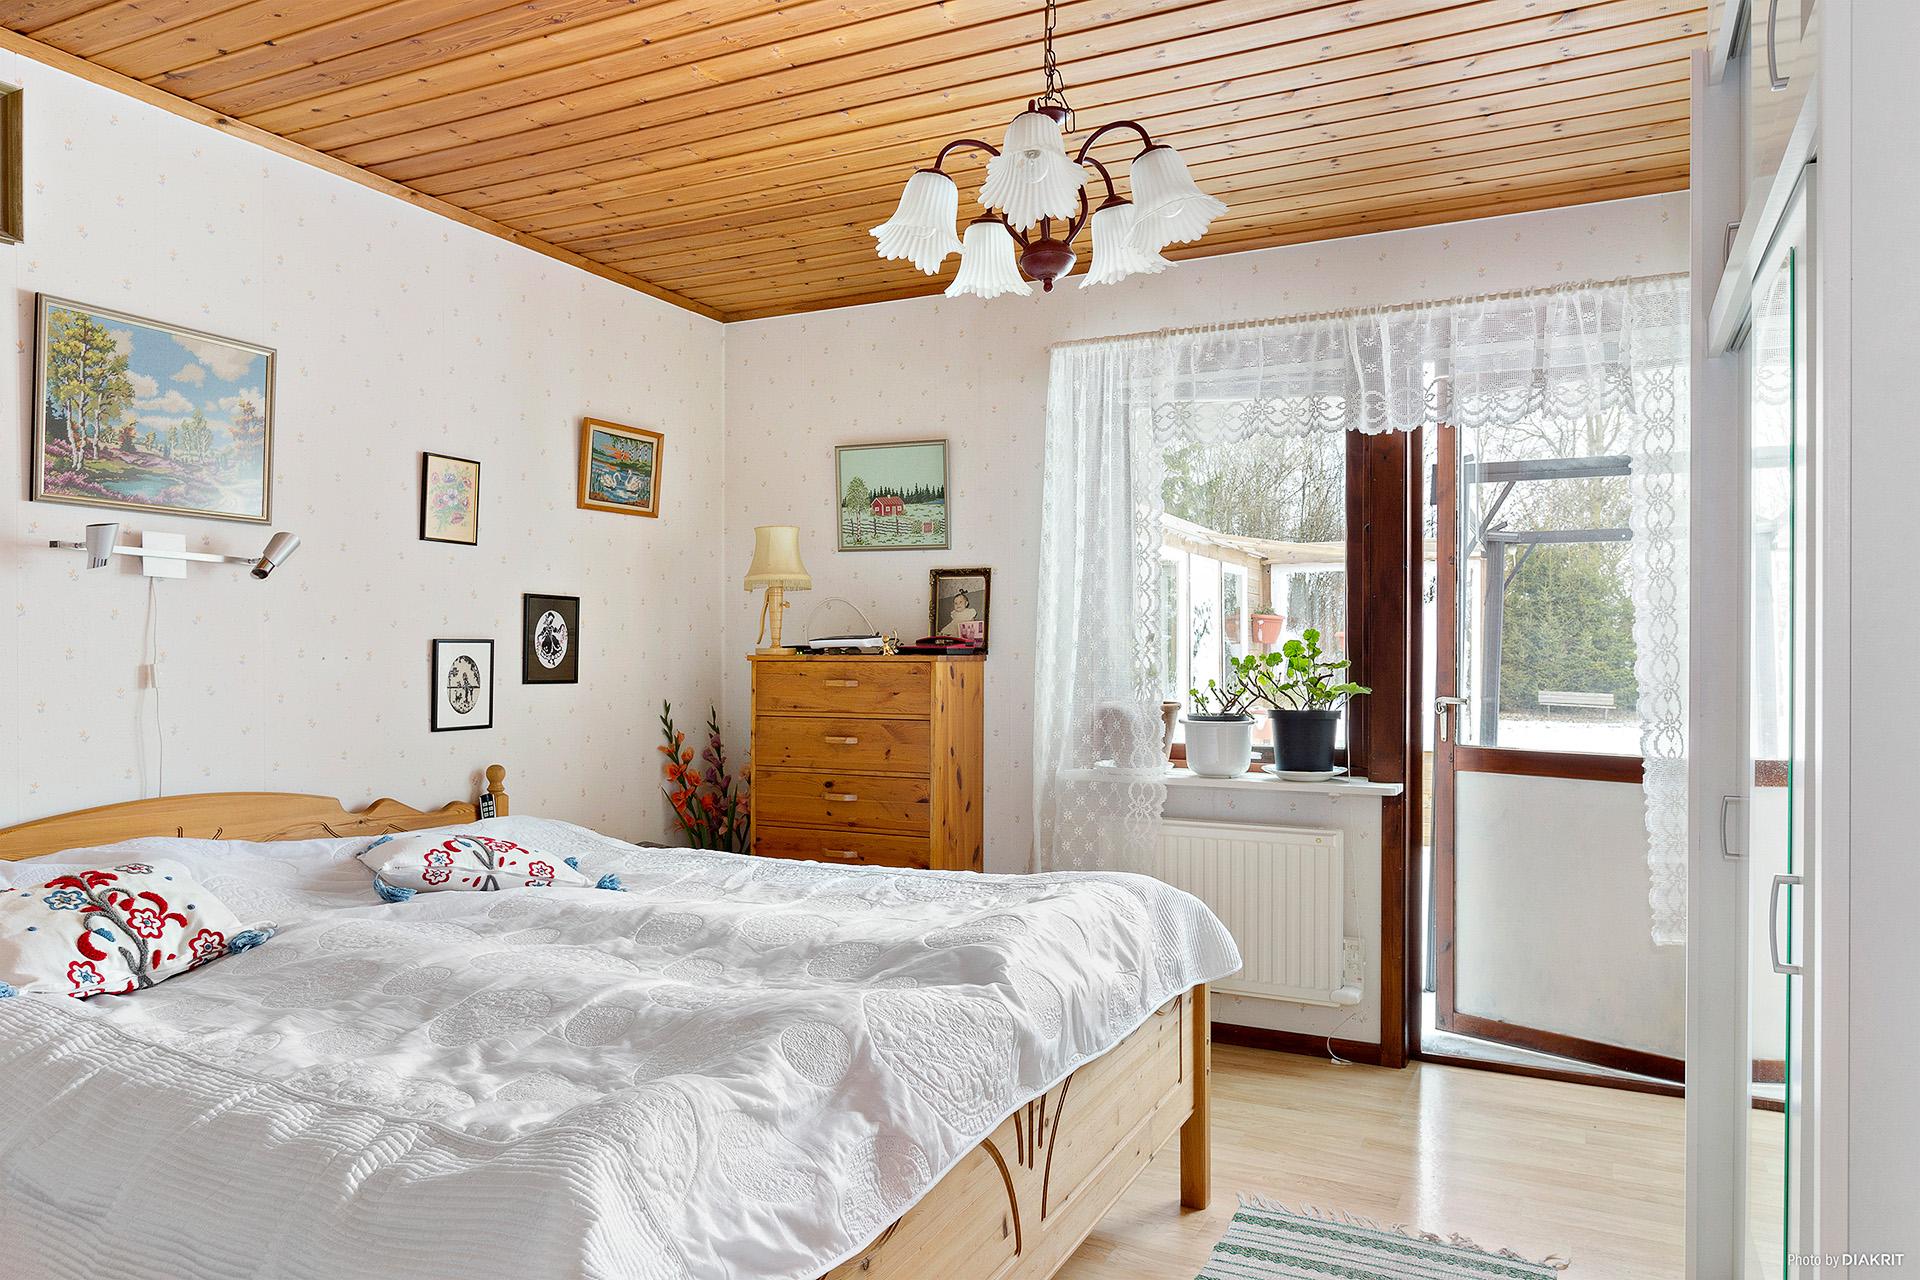 Stora sovrummet med bra förvaring och utgång mot baksidans altan.